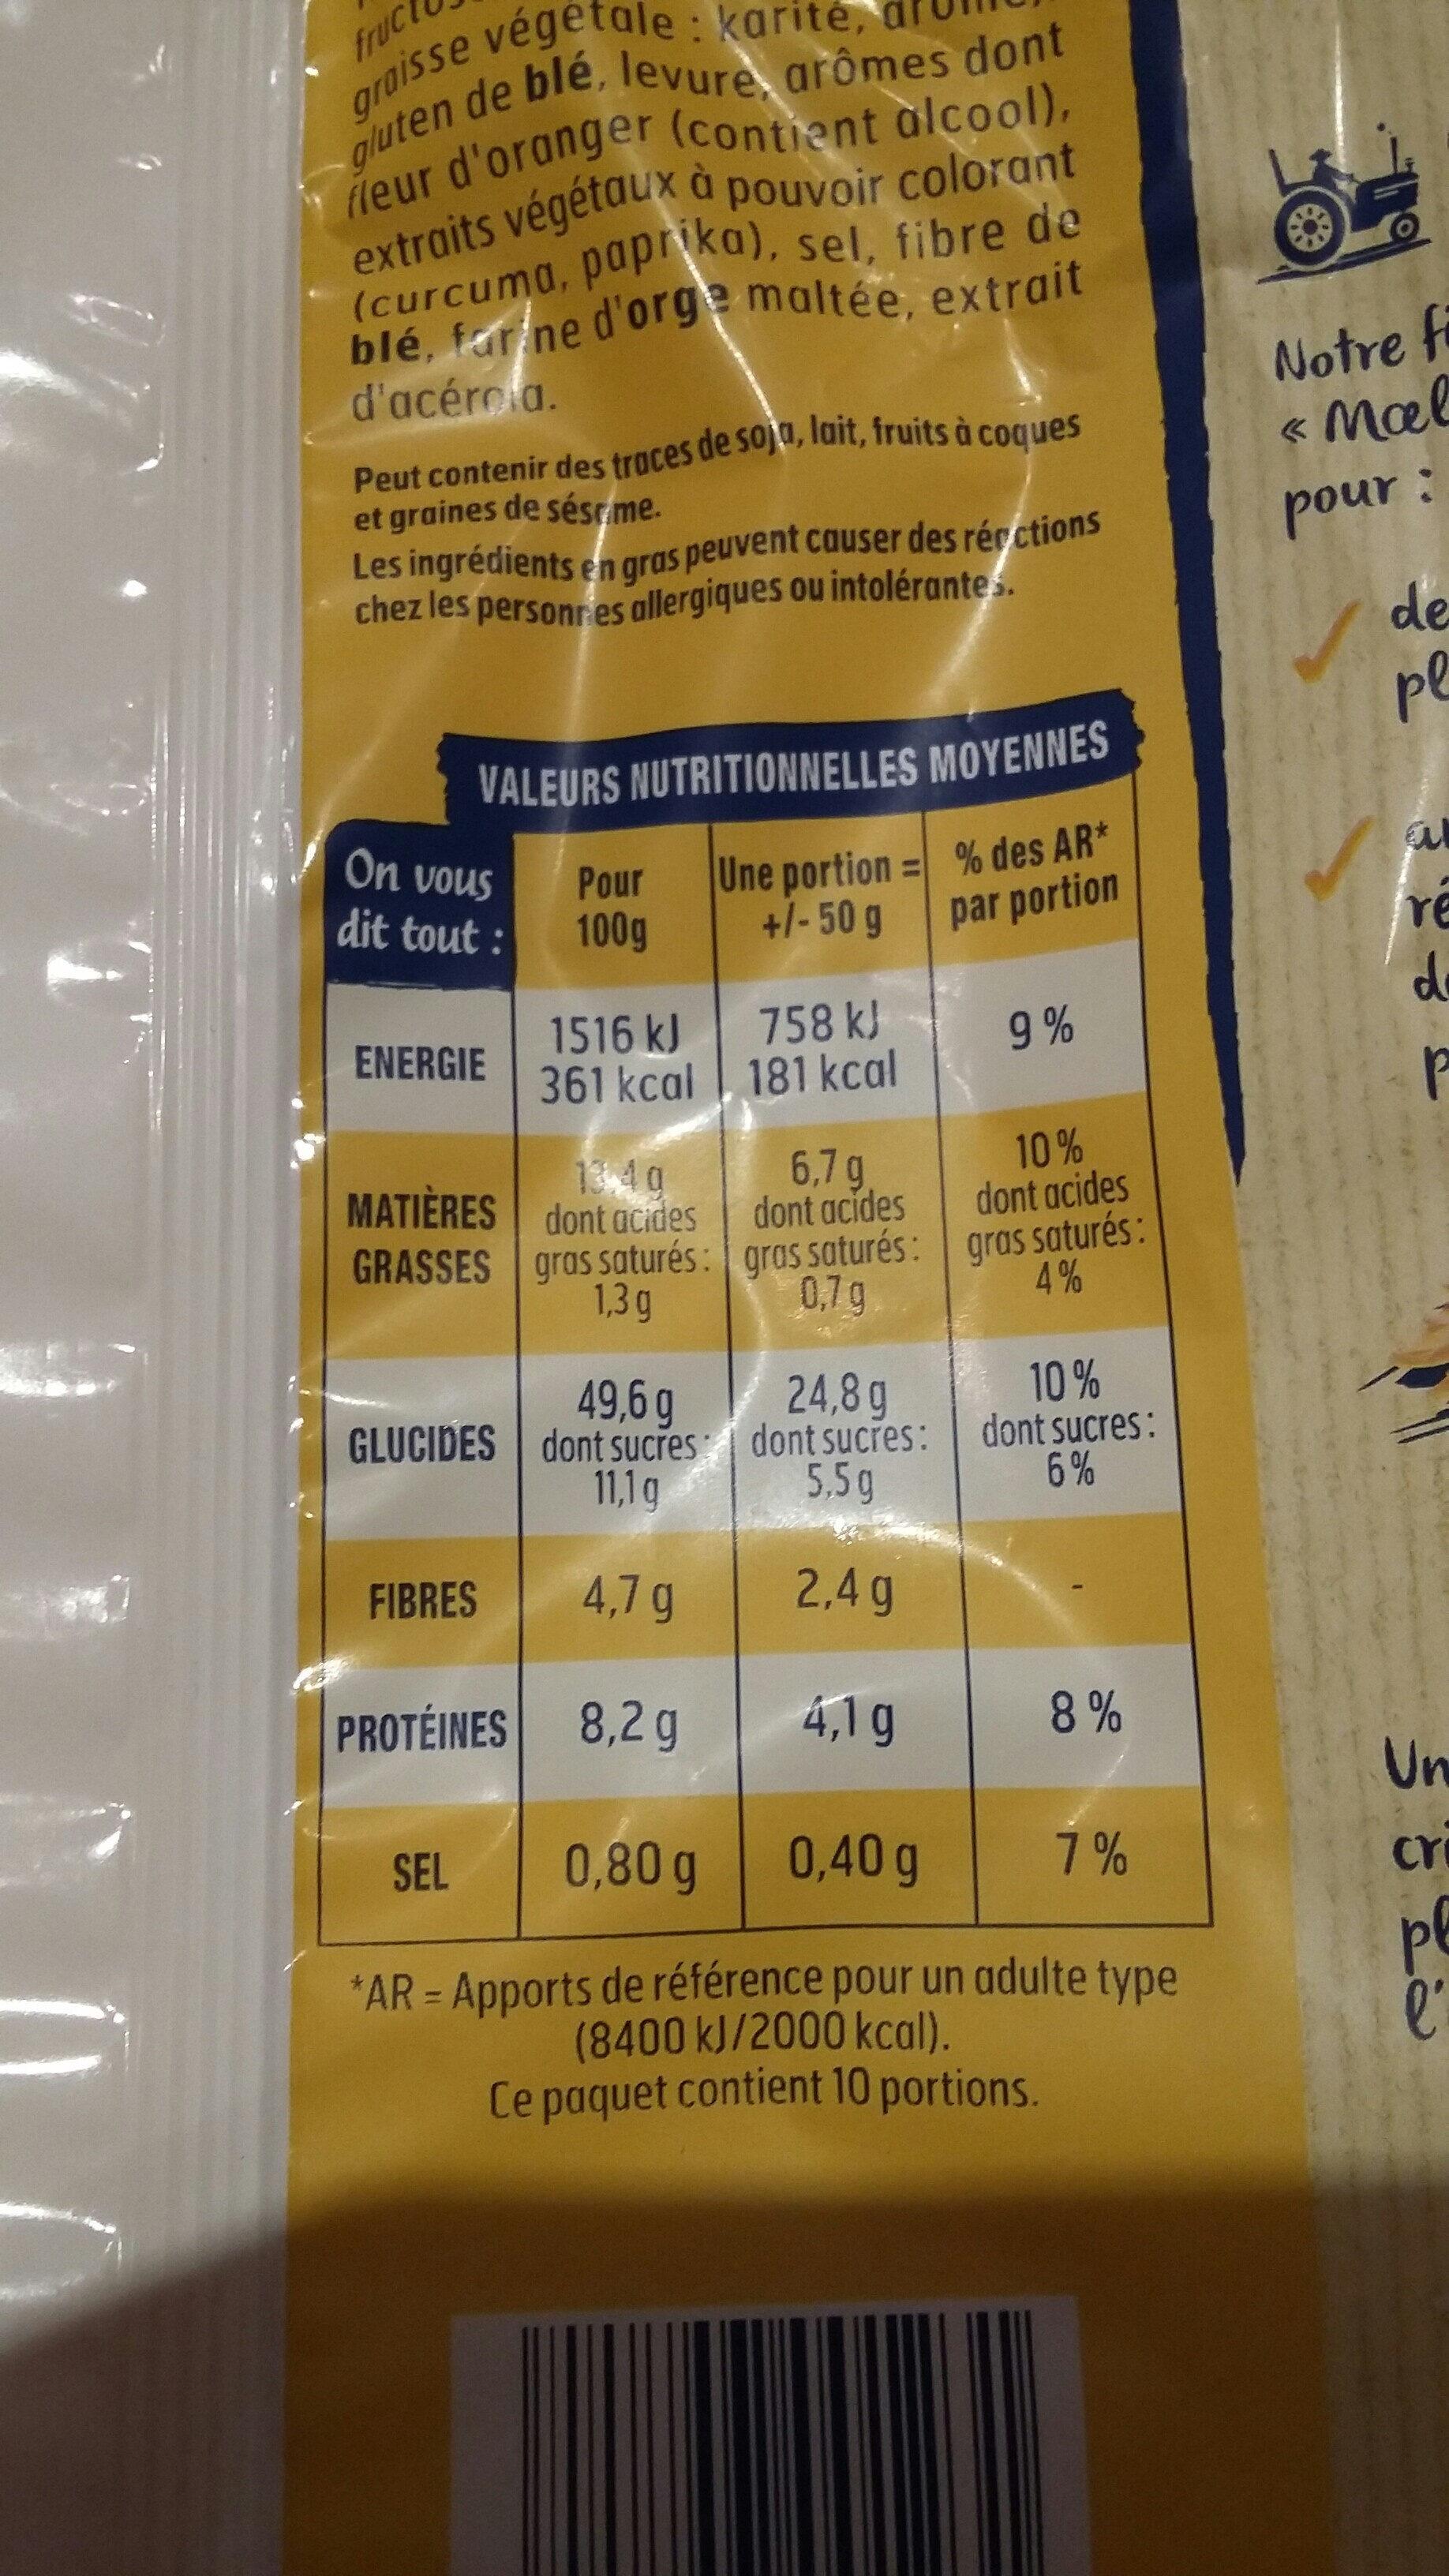 Harrys brioche tressee nature au sucre perle sans additifs - Informazioni nutrizionali - fr